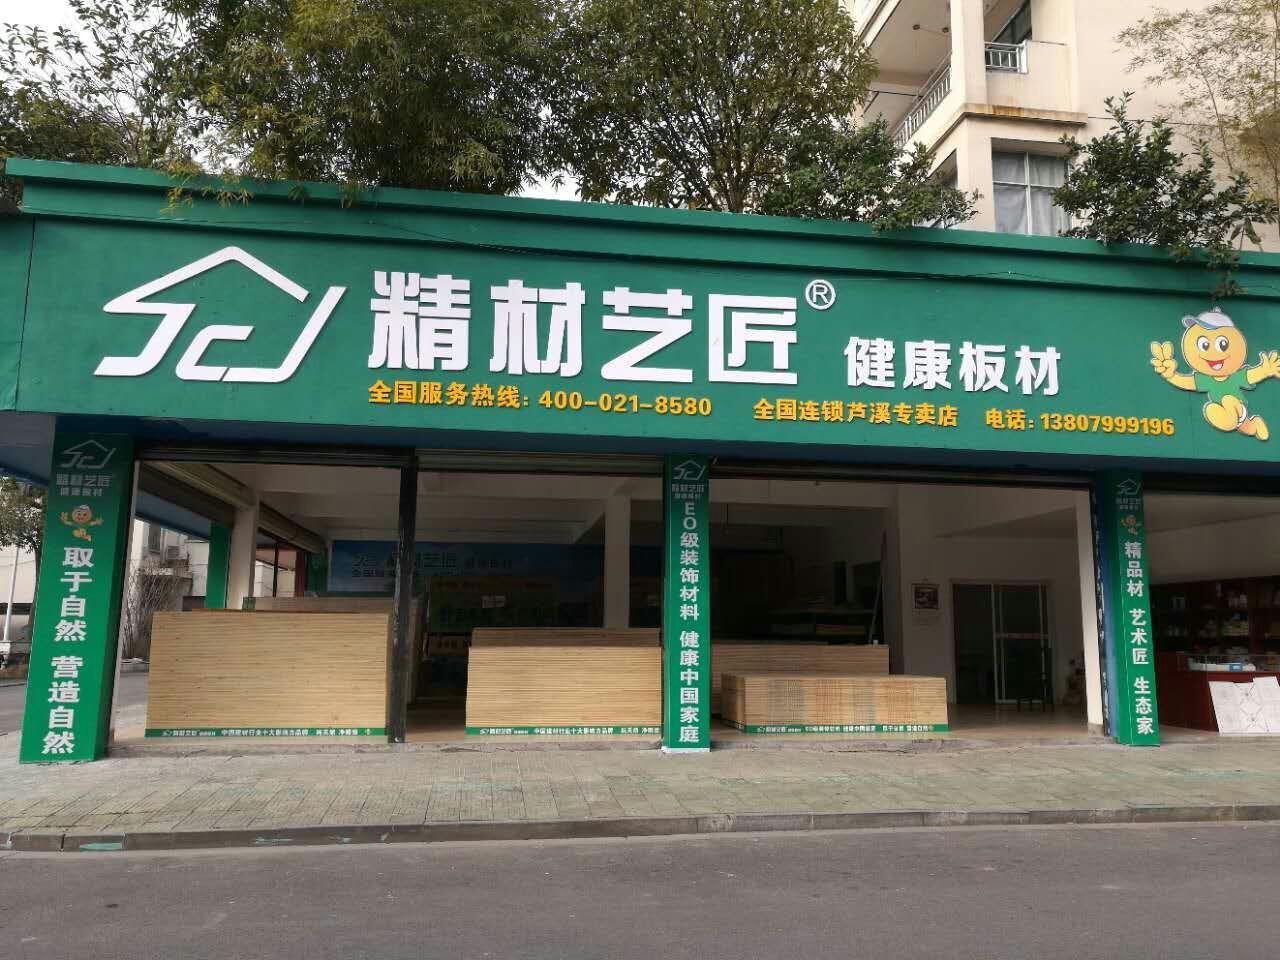 健康板材十大品牌精材艺匠江西芦溪店欢迎您!